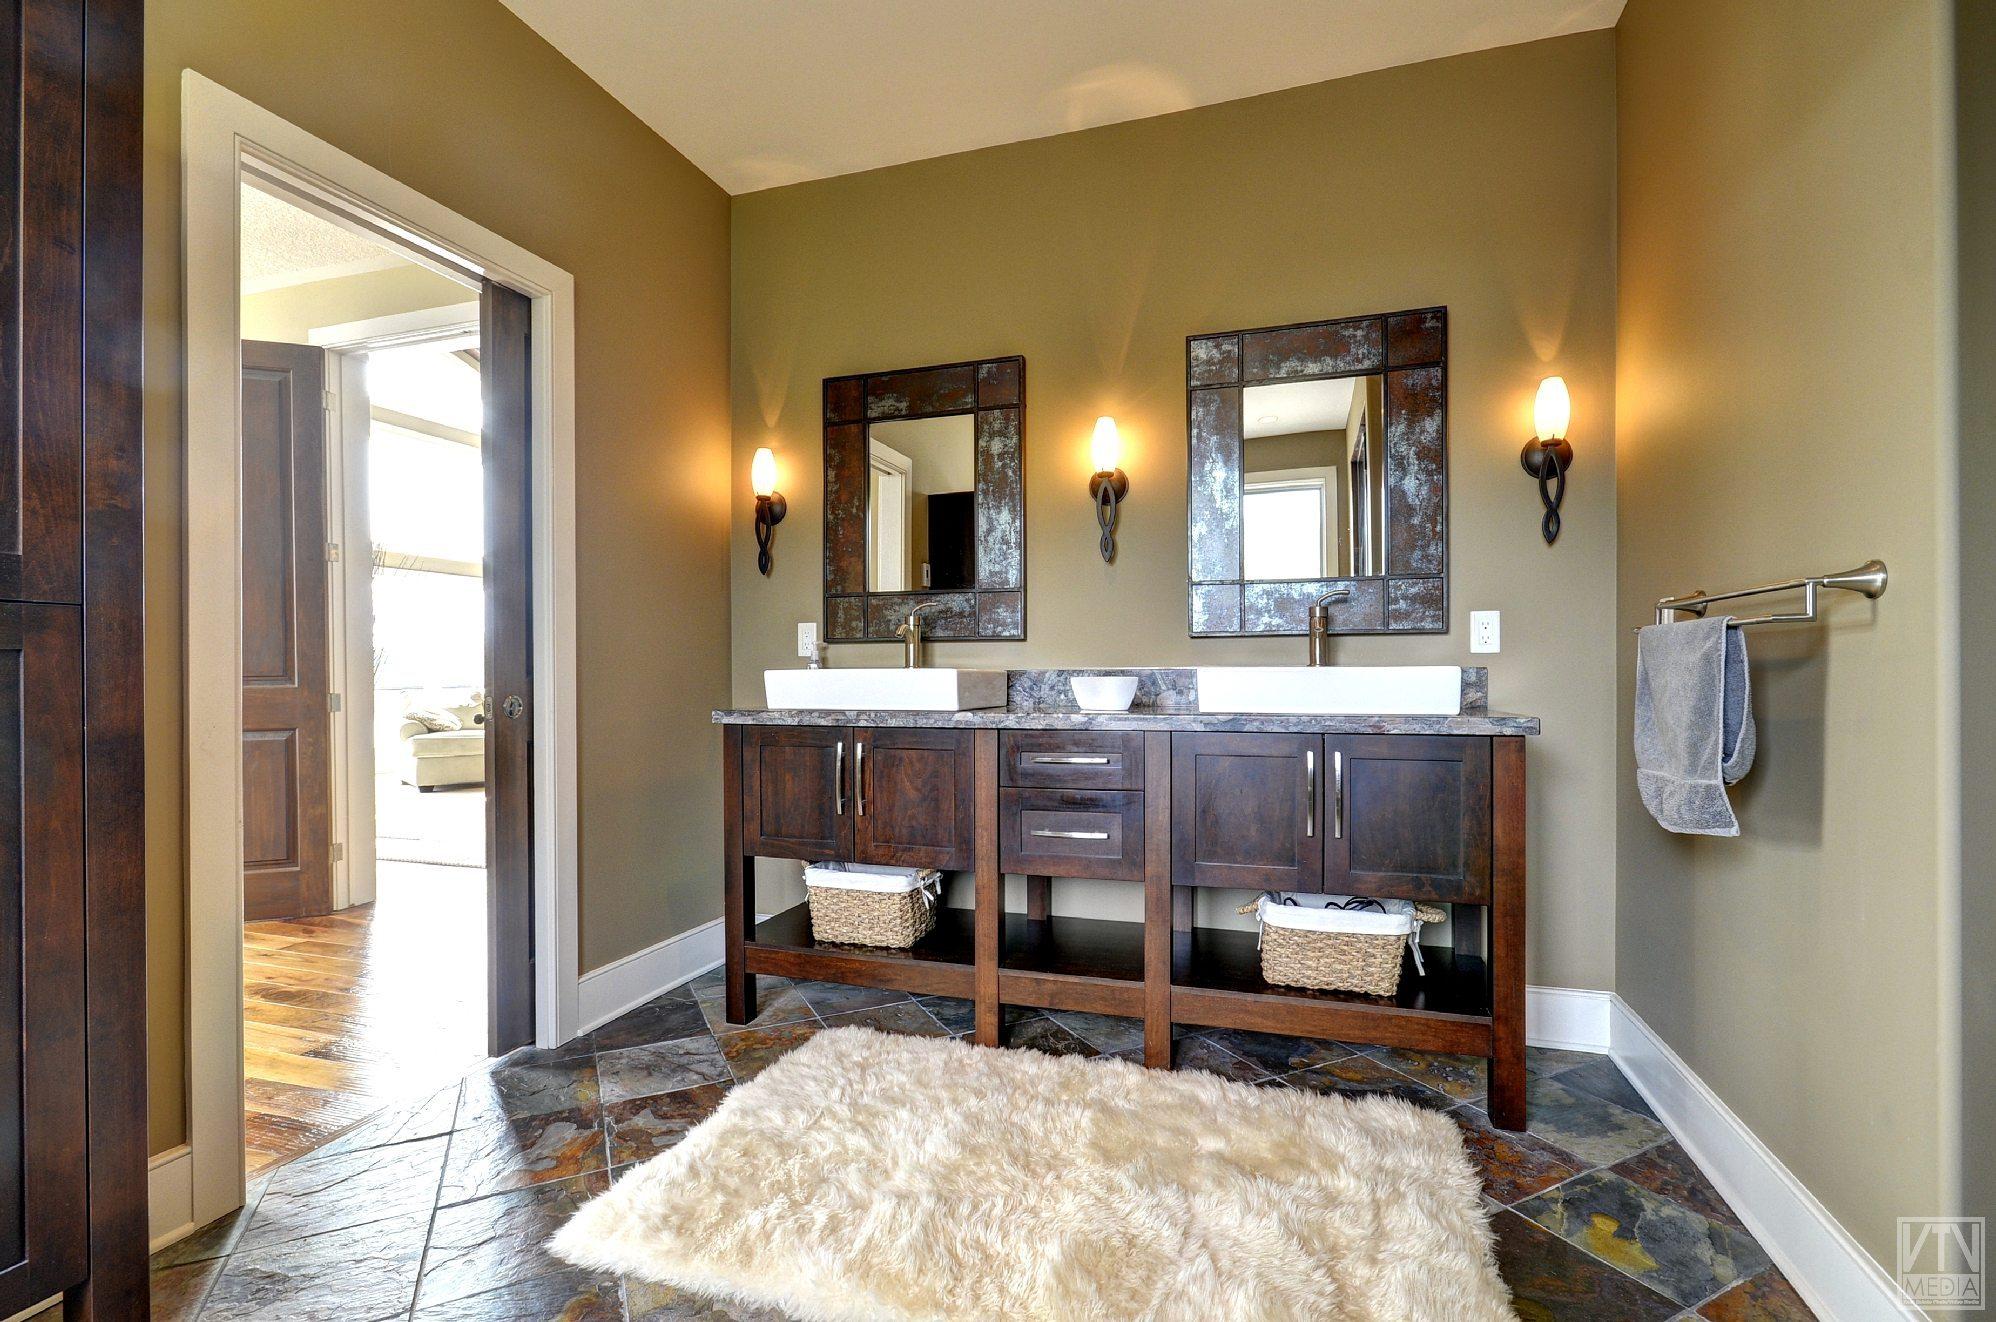 severn-cottage-for-sale-4289-delta-road-west-14